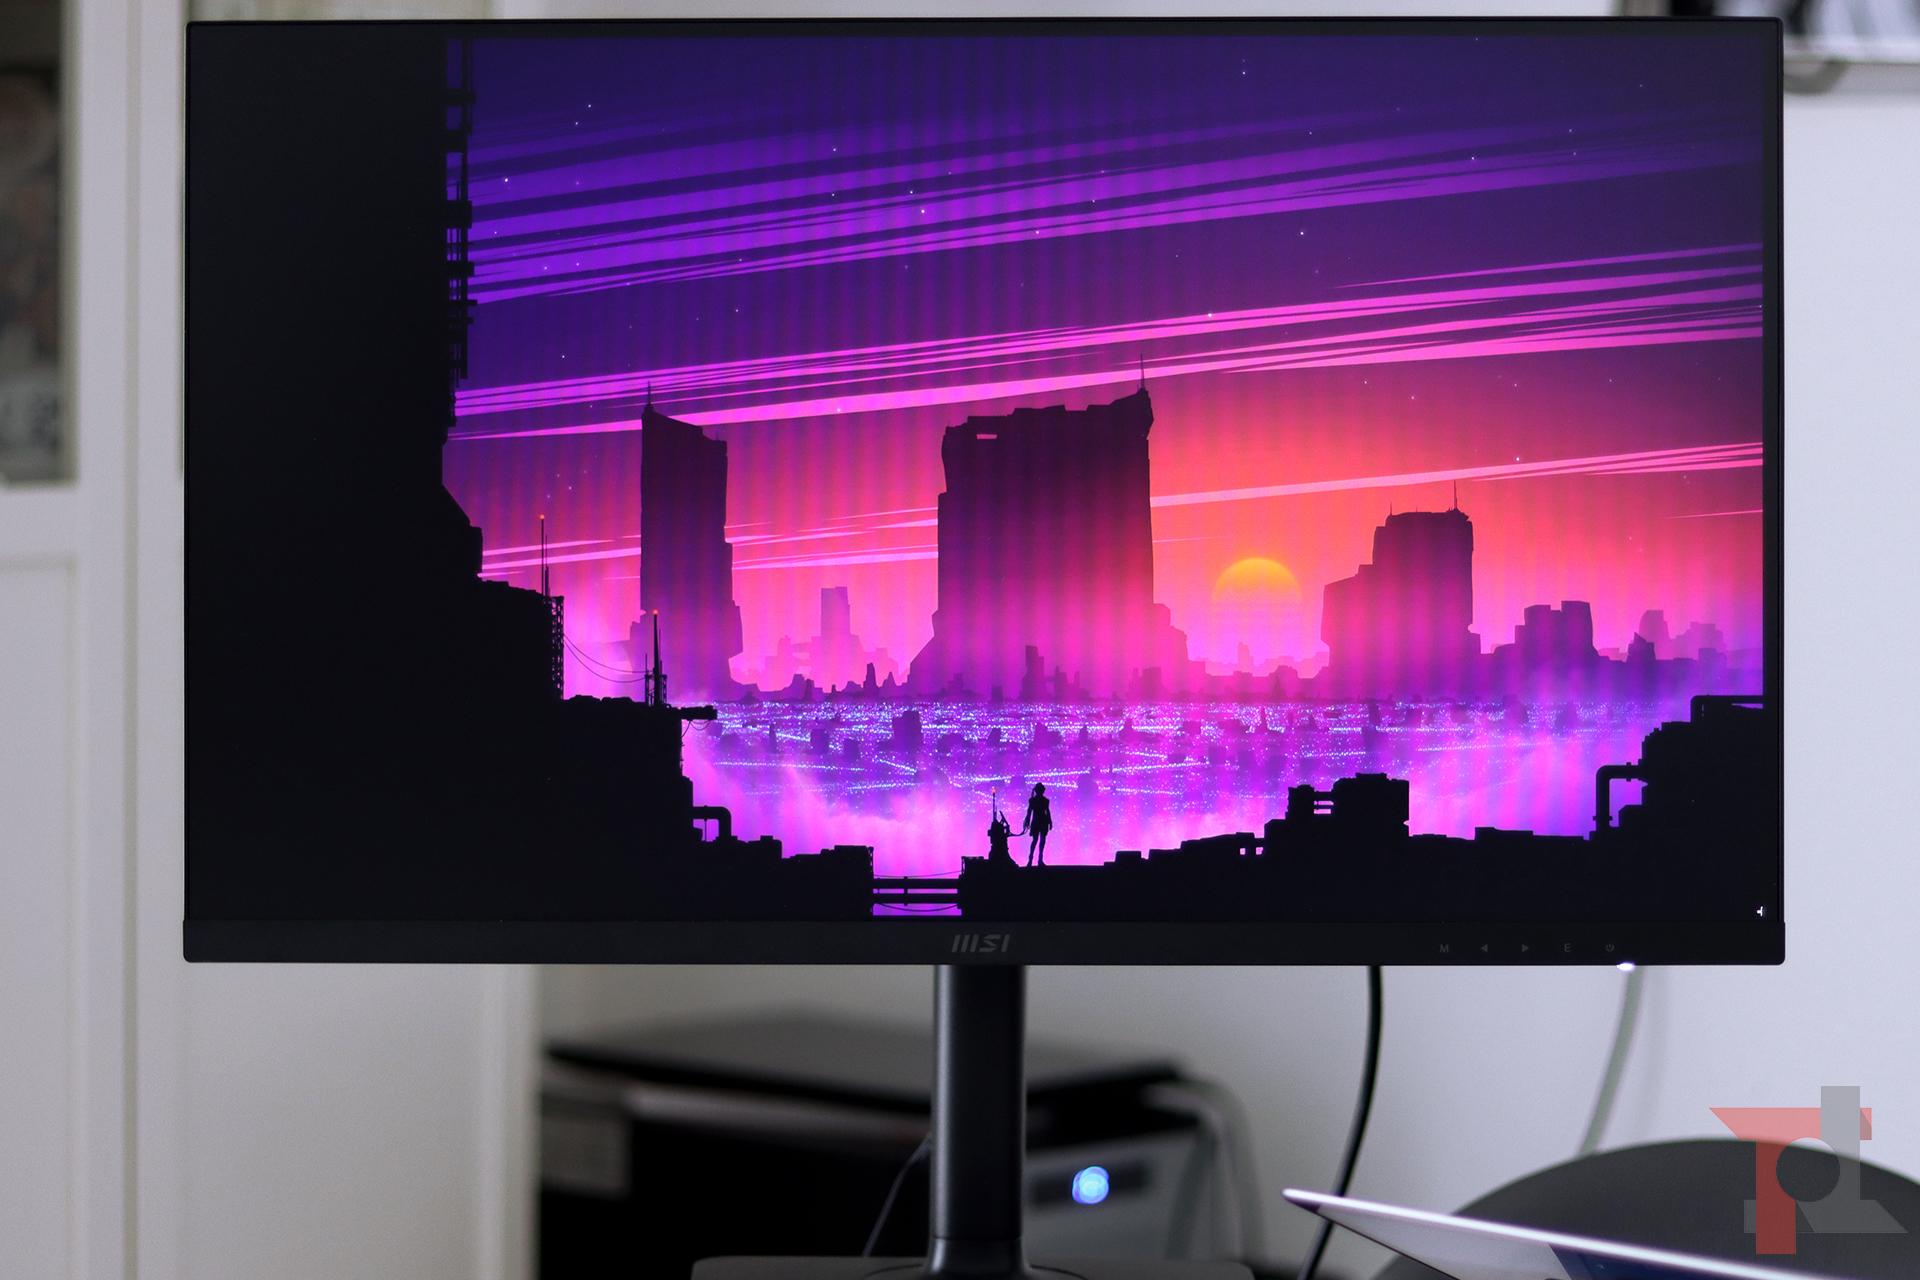 MSI fa centro: il Modern MD271QP è il monitor elegante e completo perfetto per l'ufficio 3